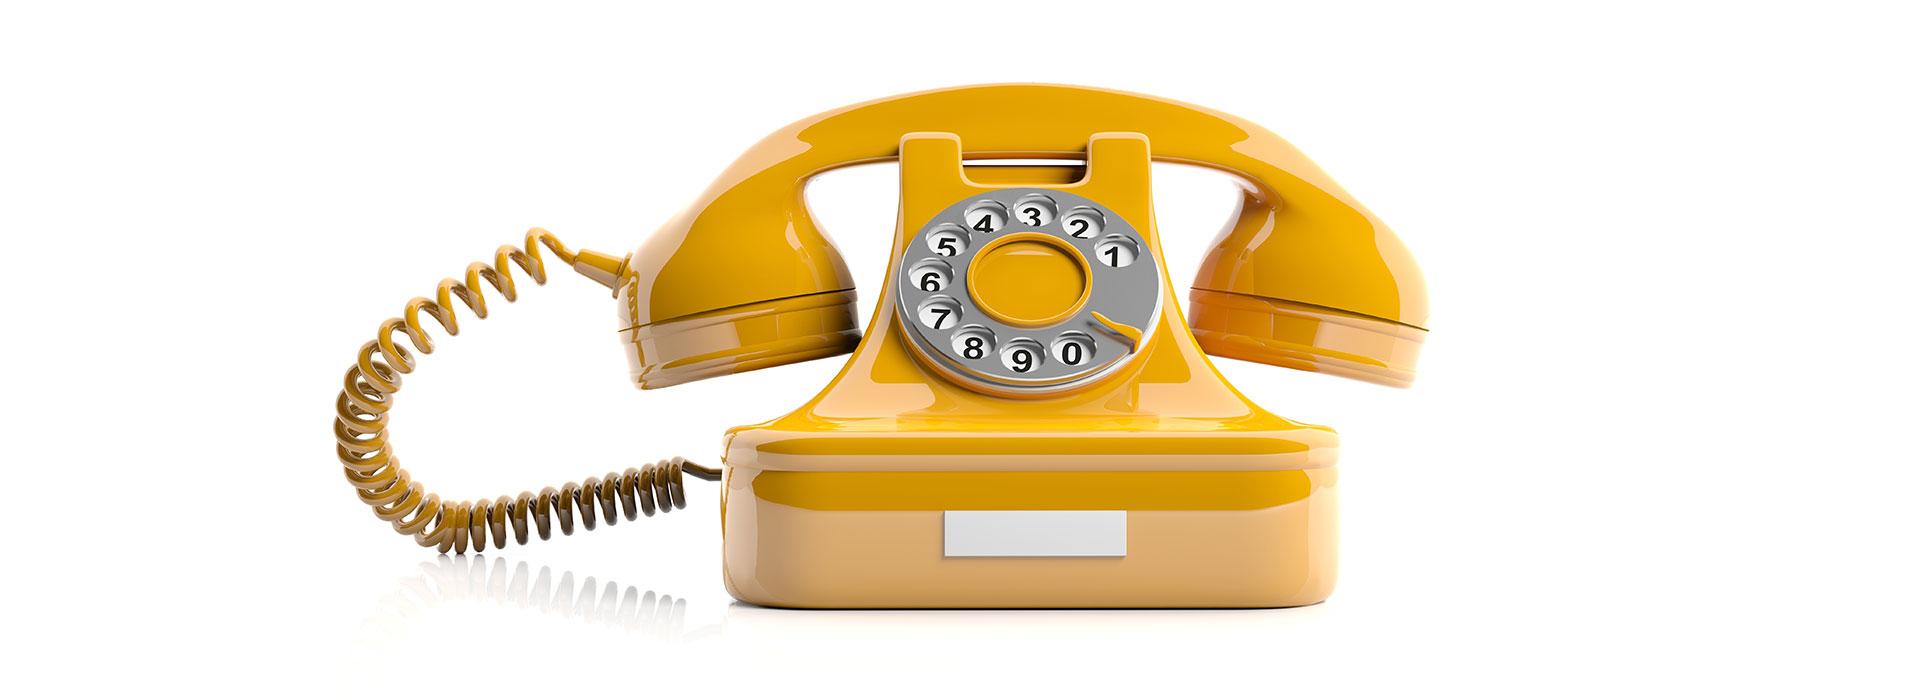 Ein gelbes Telefon